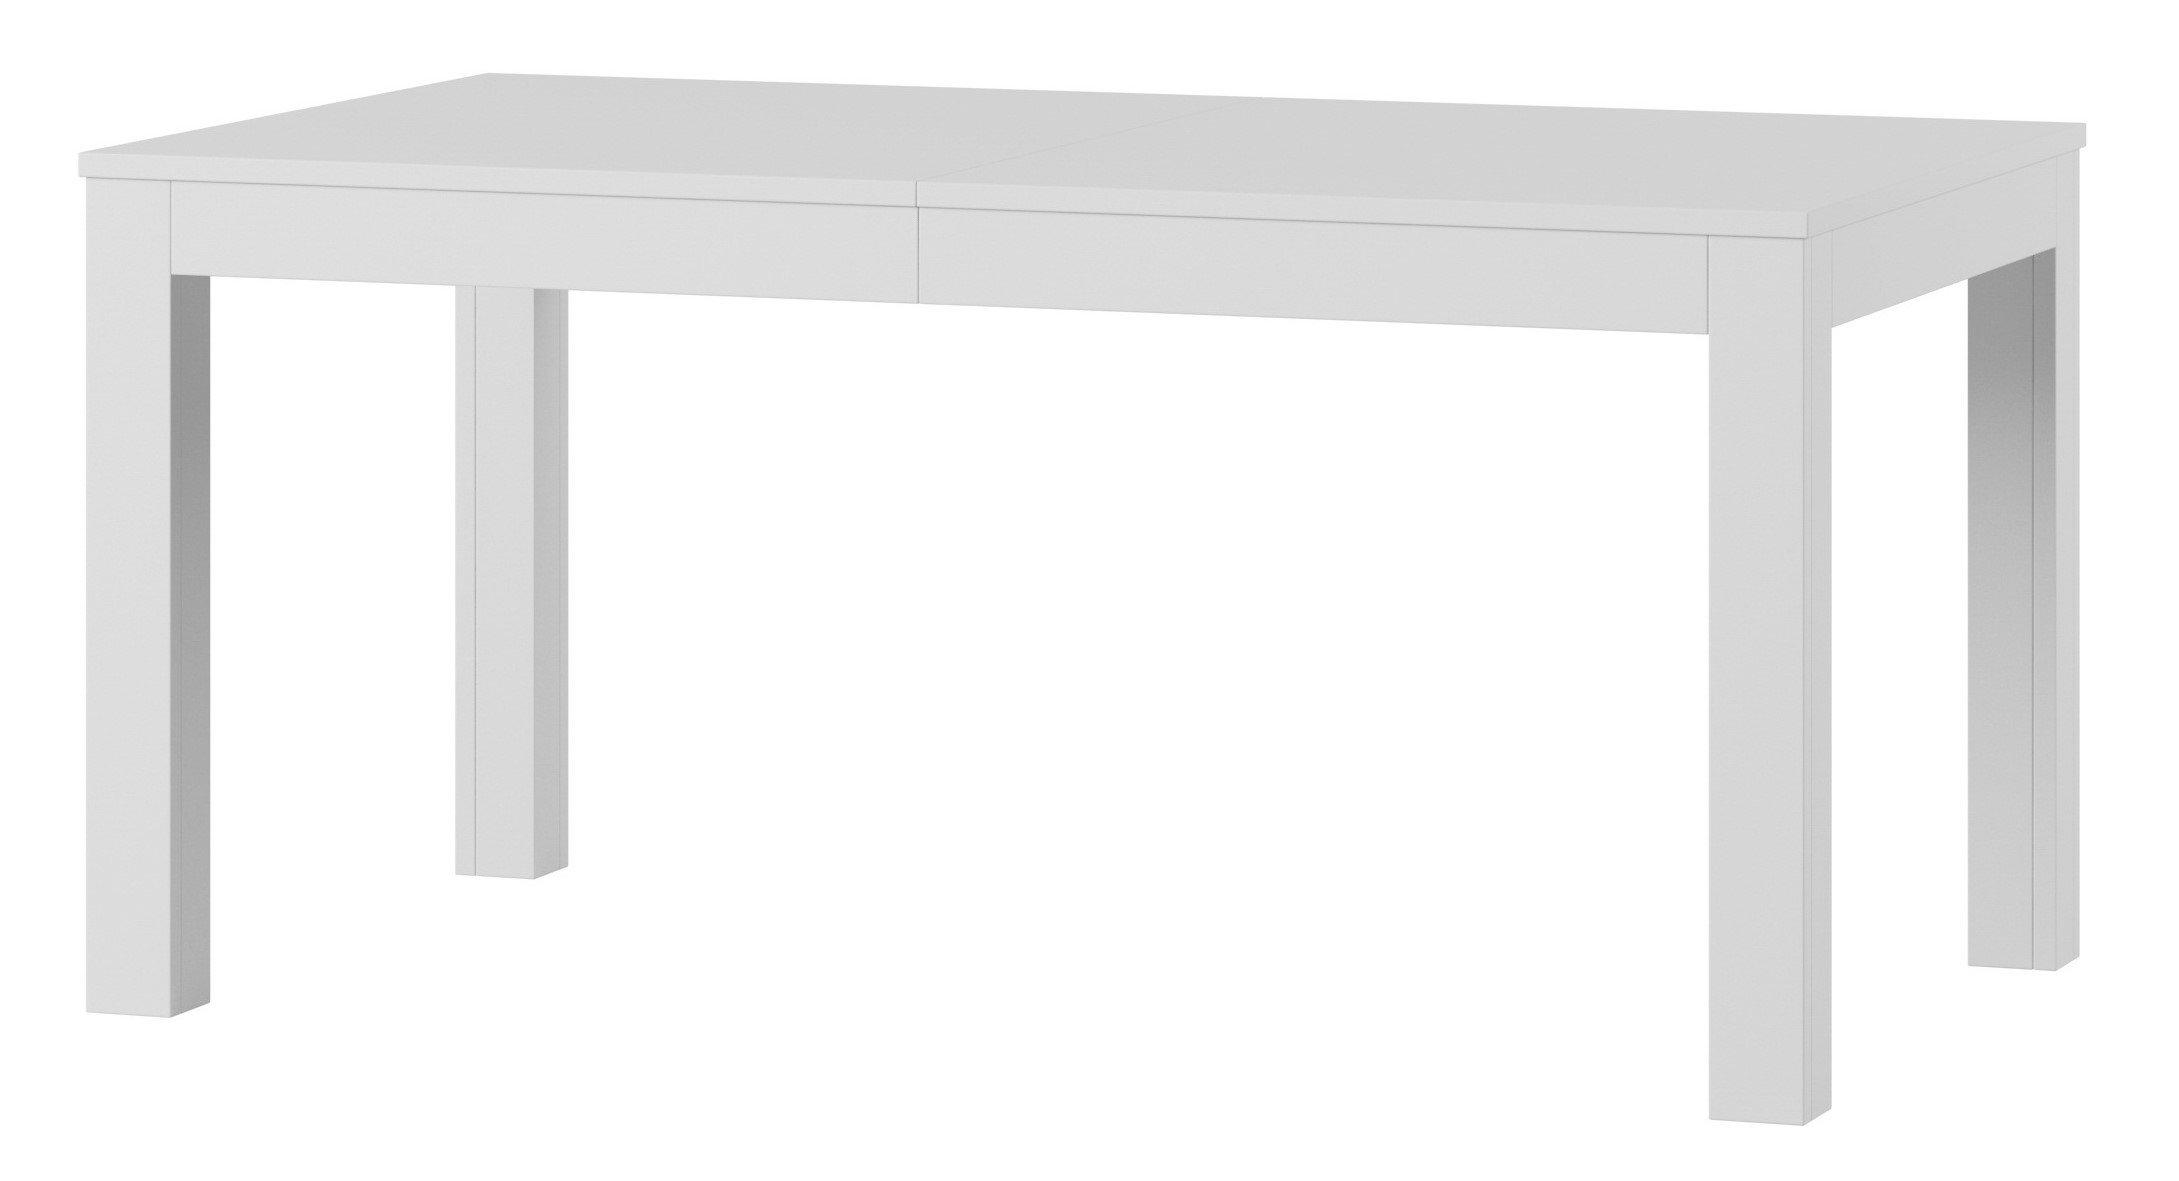 Τραπέζι Walnut επεκτεινόμενο-Λευκό